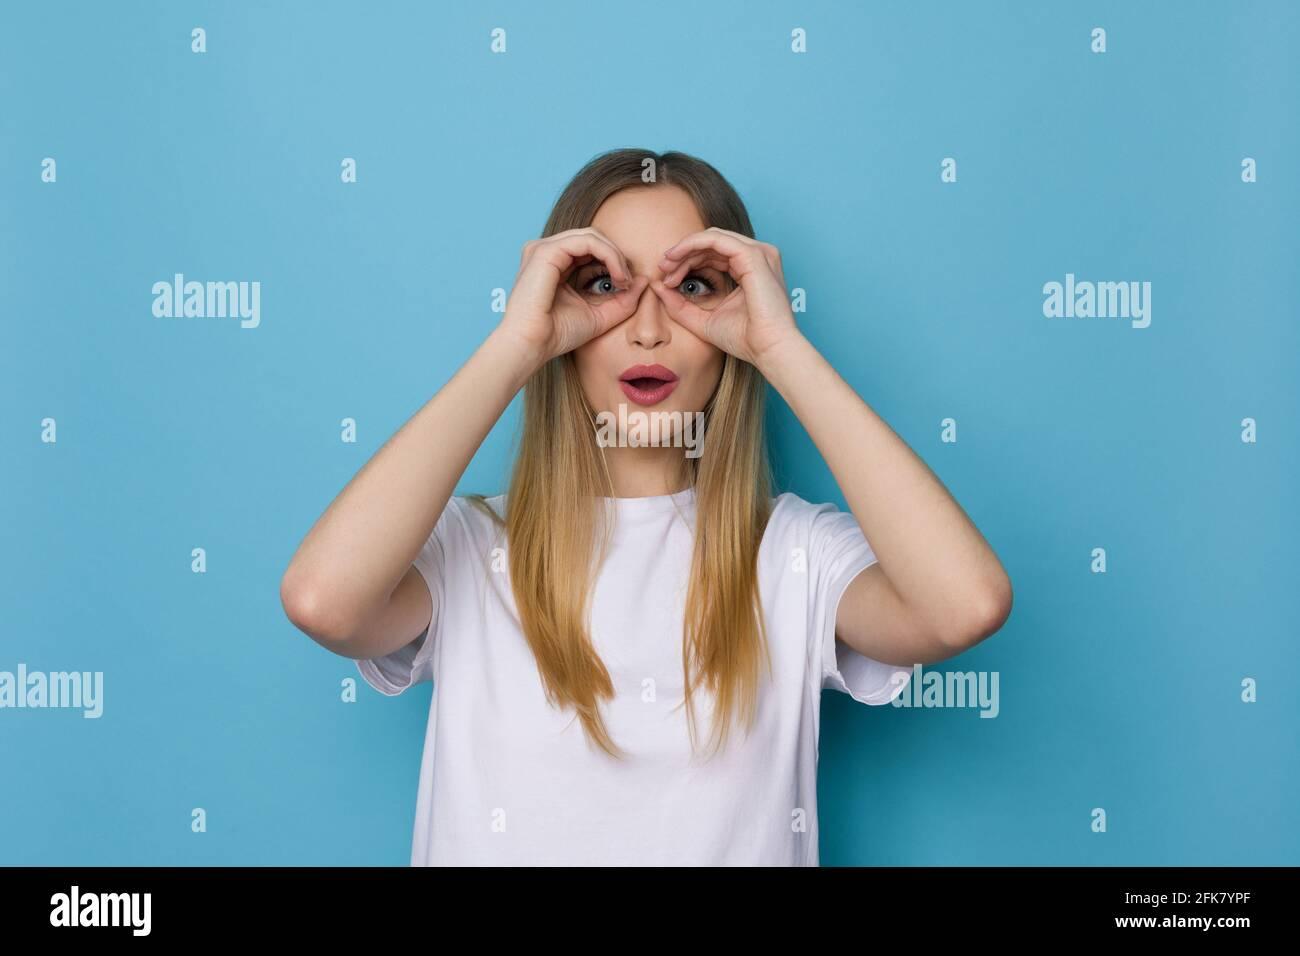 Une jeune femme surprise en chemise blanche fait des jumelles mains et regarde l'appareil photo. Taille haute studio tourné sur fond bleu. Banque D'Images